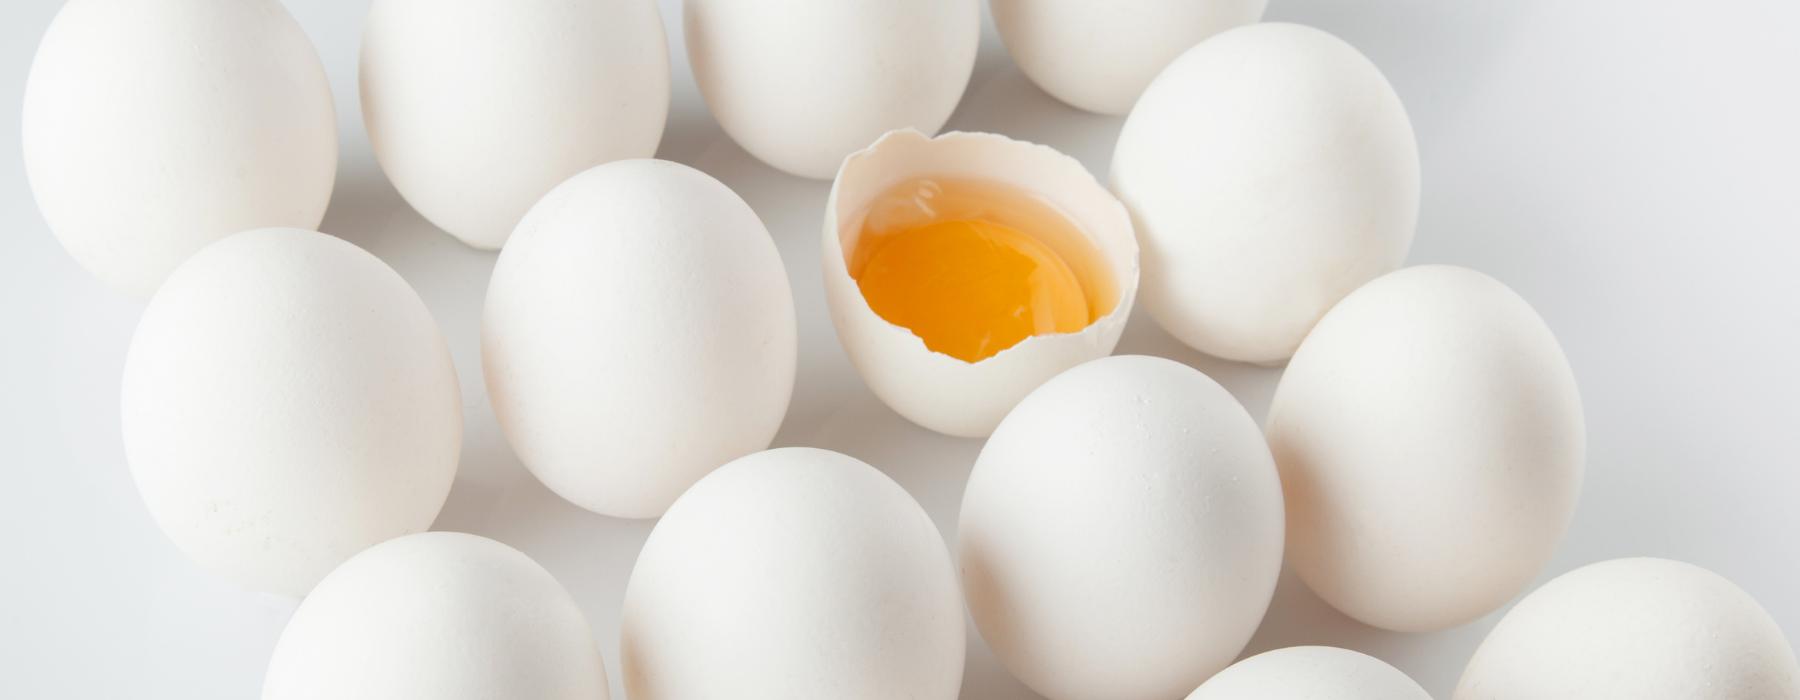 сняться сирі яйця